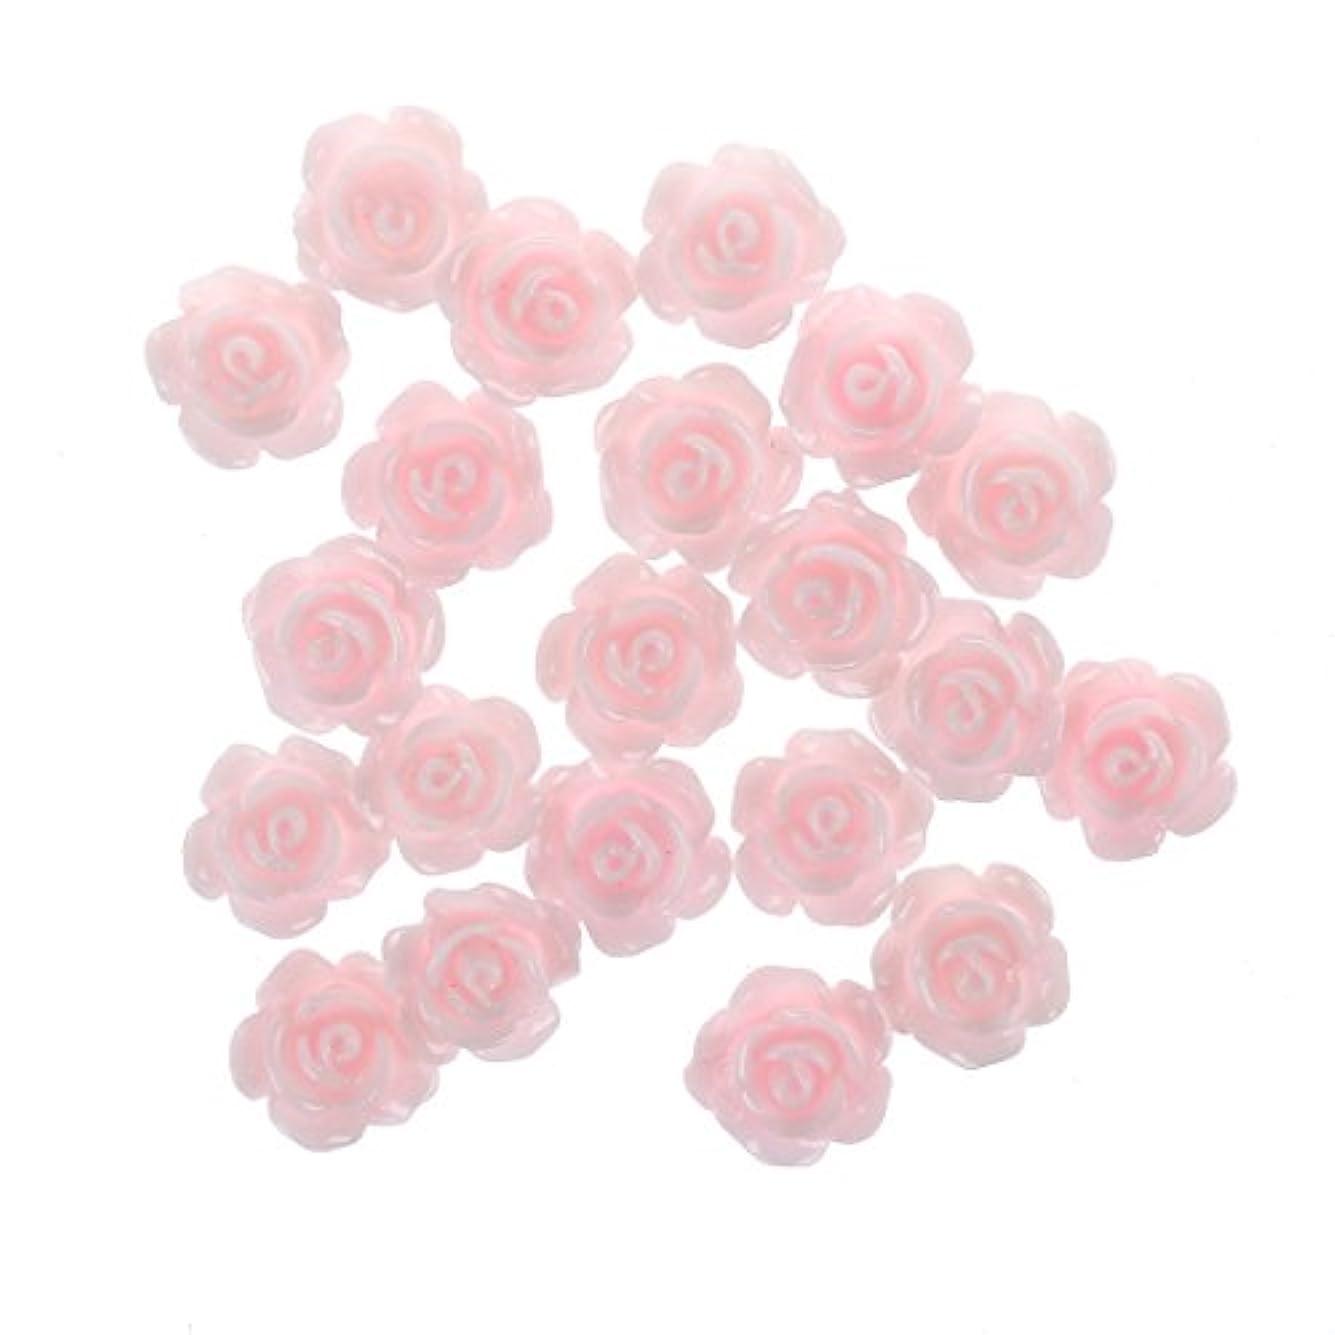 問題ちなみに電圧RETYLY 20x3Dピンクの小さいバラ ラインストーン付きネイルアート装飾